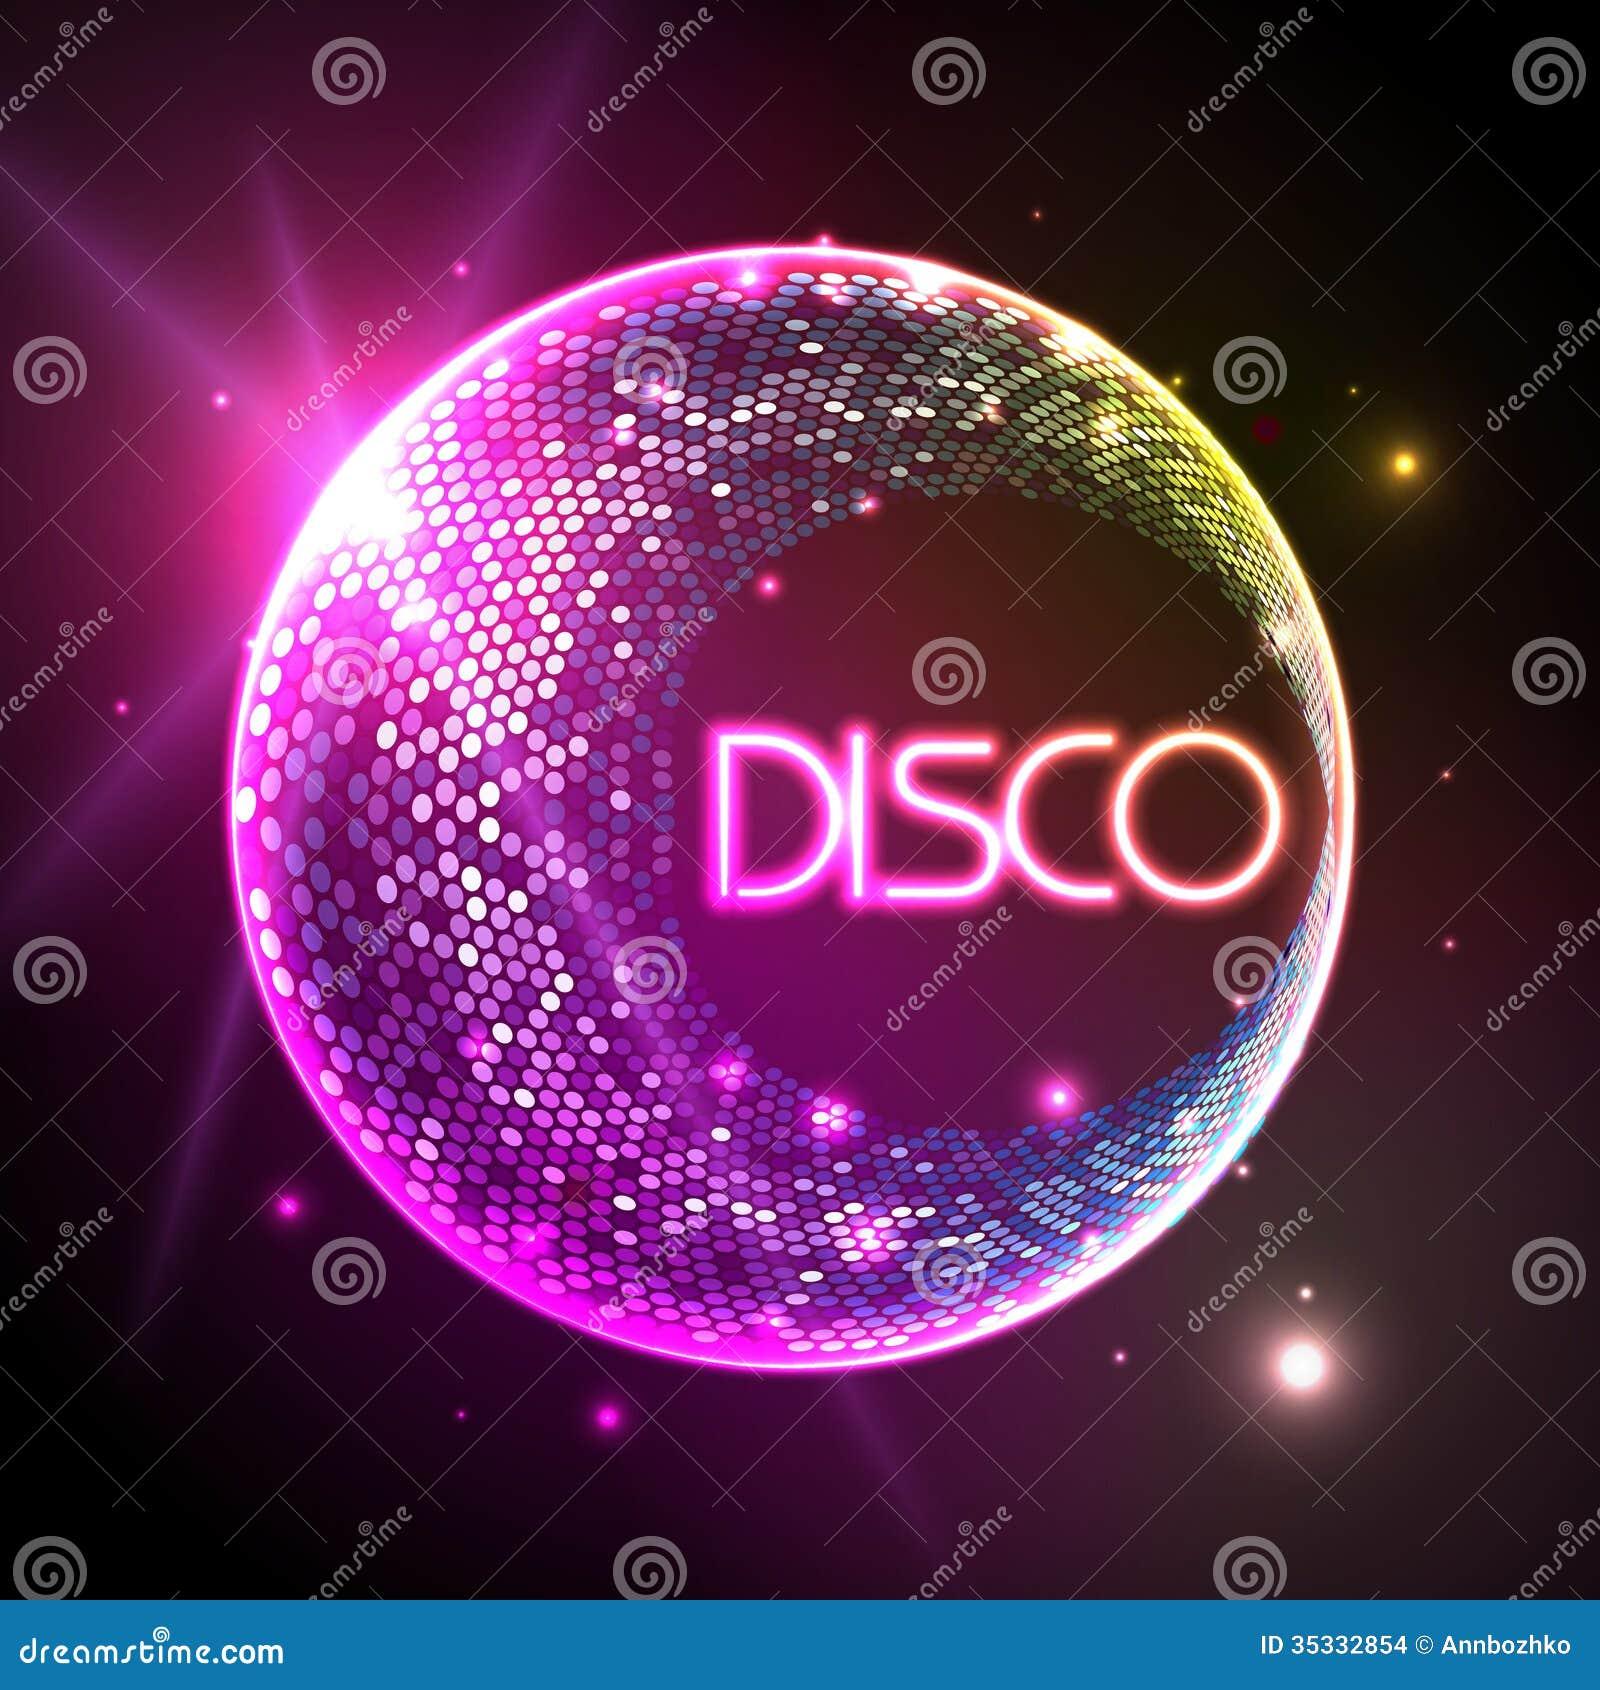 Disco ball disco background stock images image 35332854 - Bola de discoteca ...